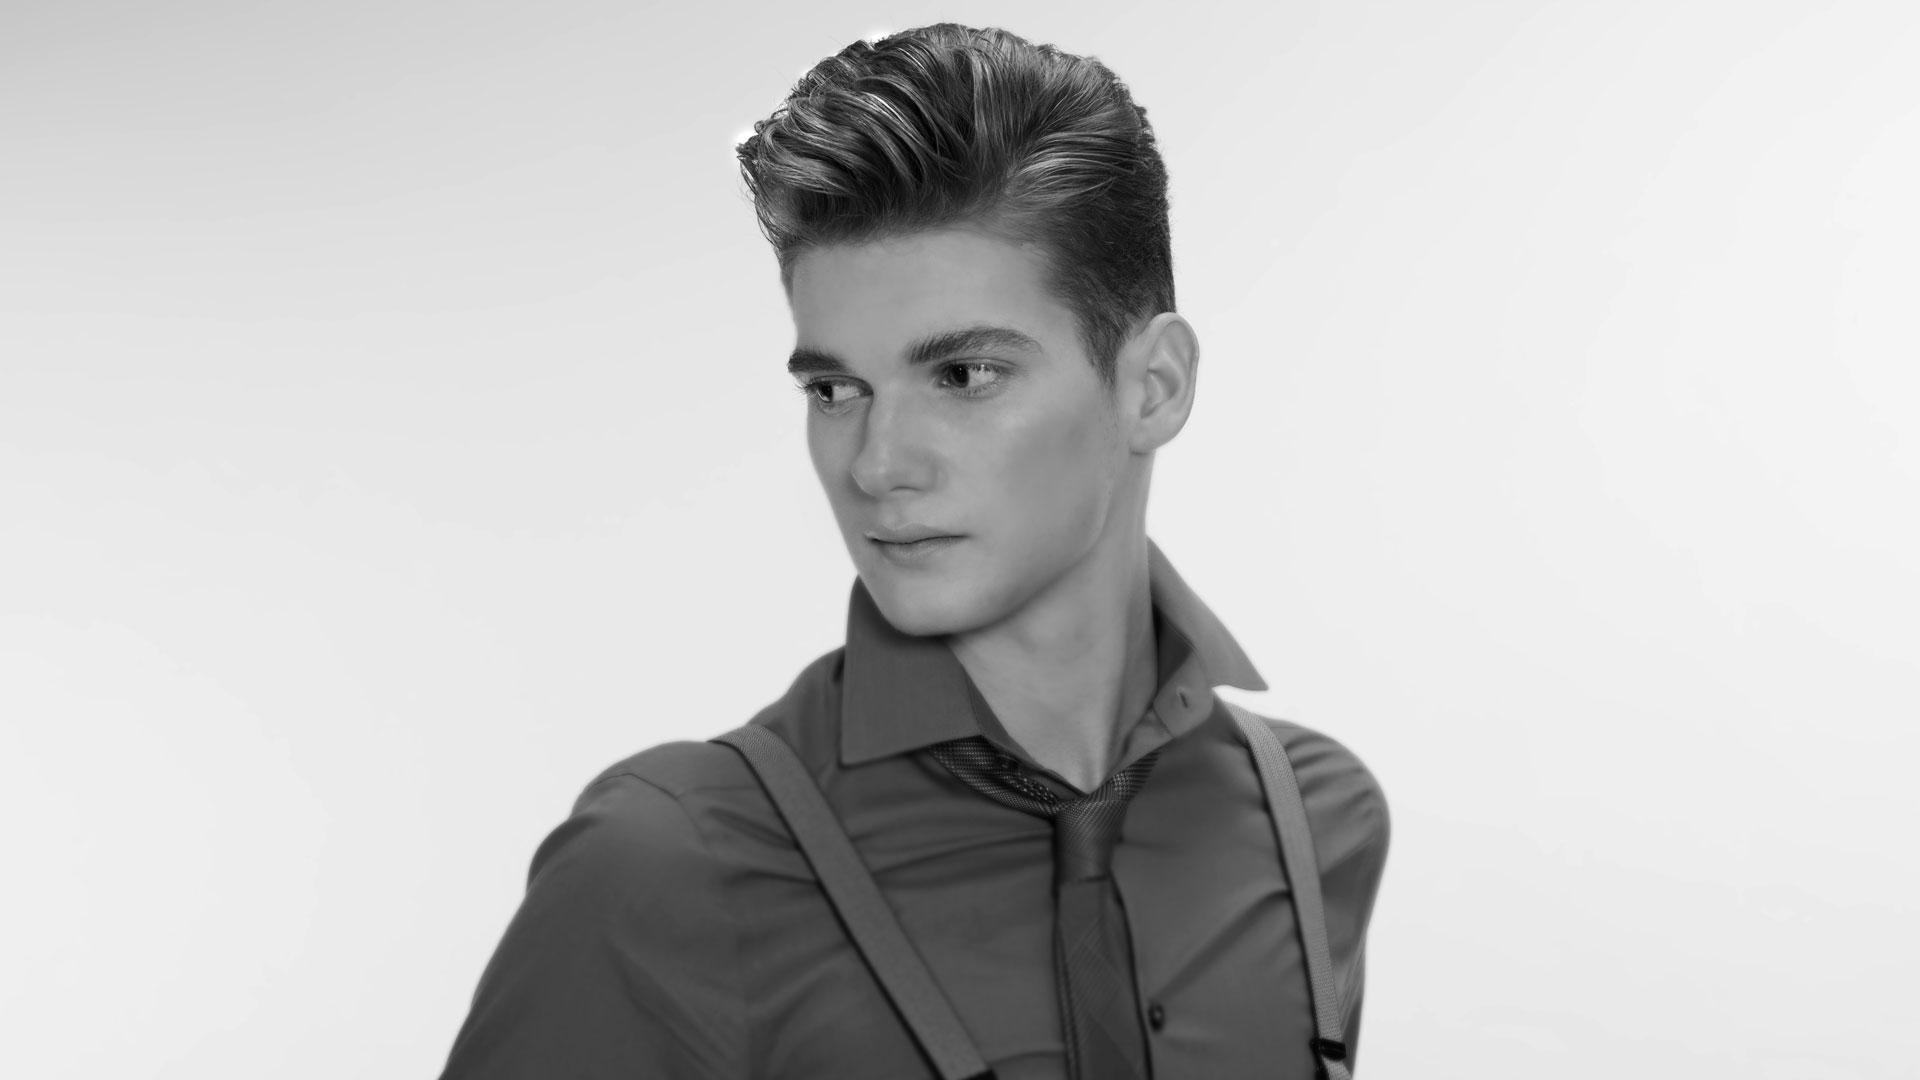 Dallas Best Mens Hair Salon - Dallas Best Mens Haircut ...